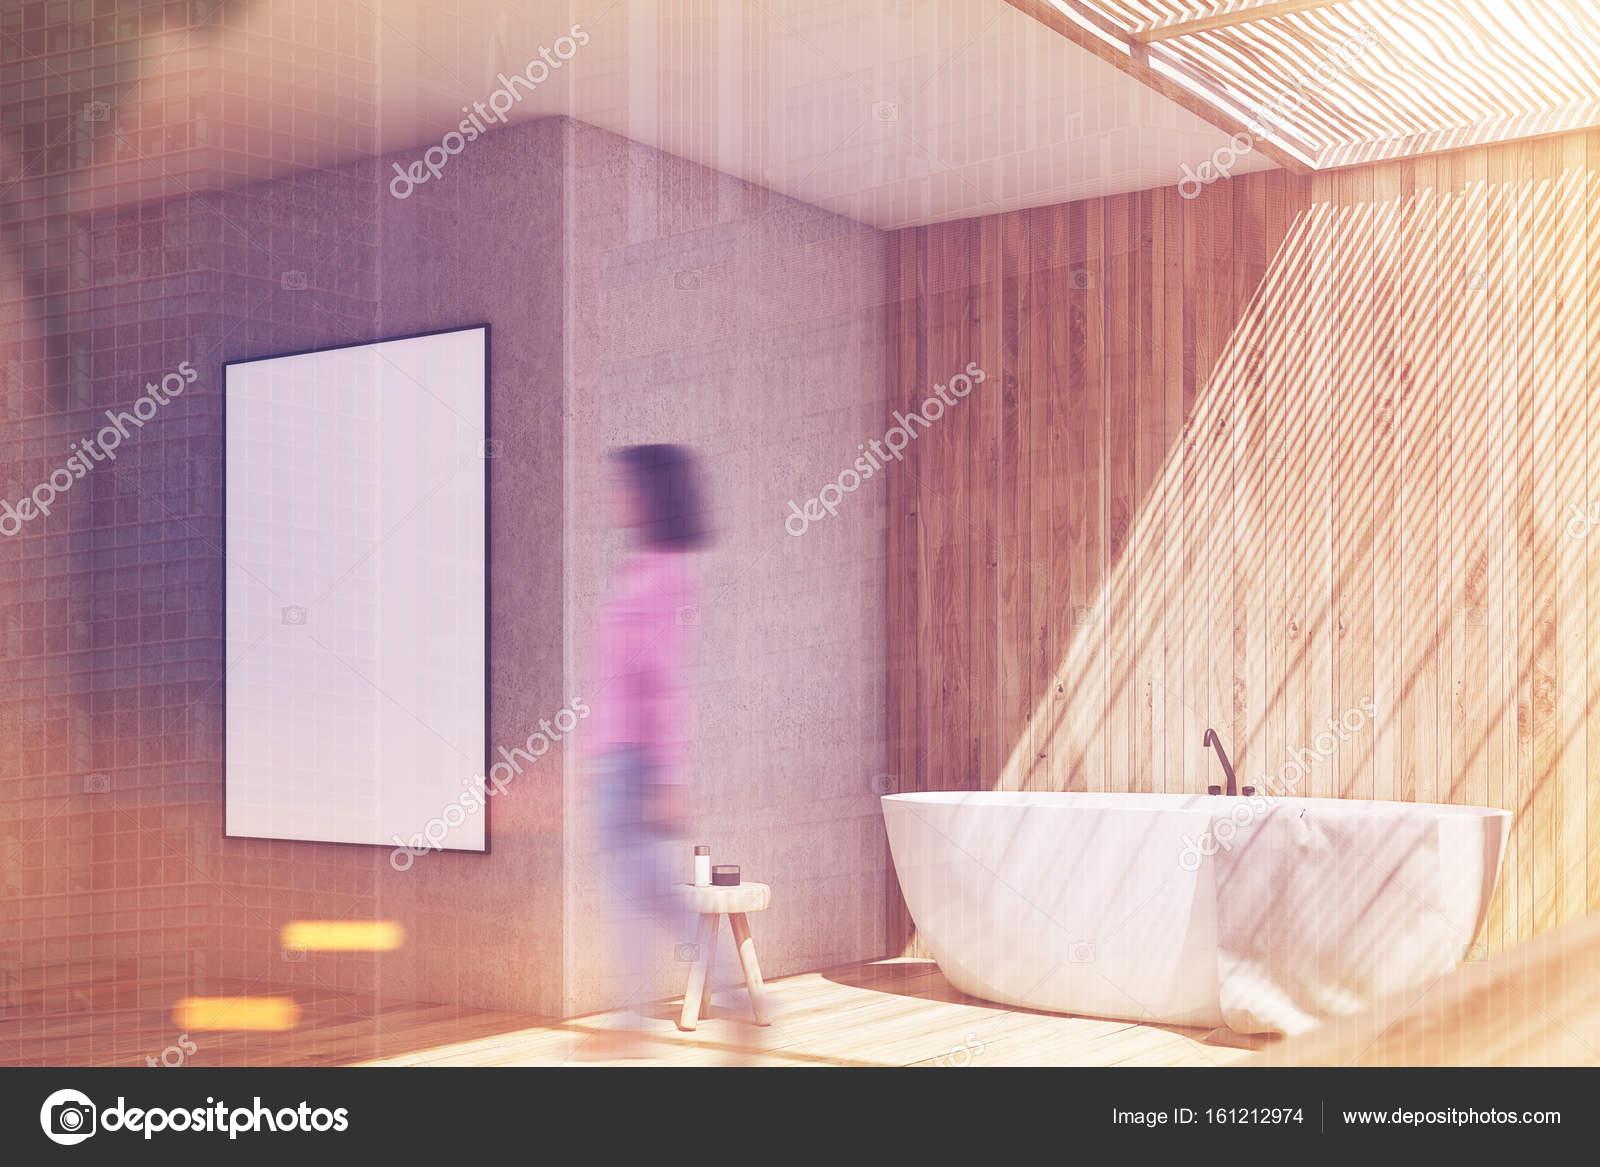 Perfekt Aus Holz Und Beige Bad, Plakat Seite Getönt U2014 Stockfoto